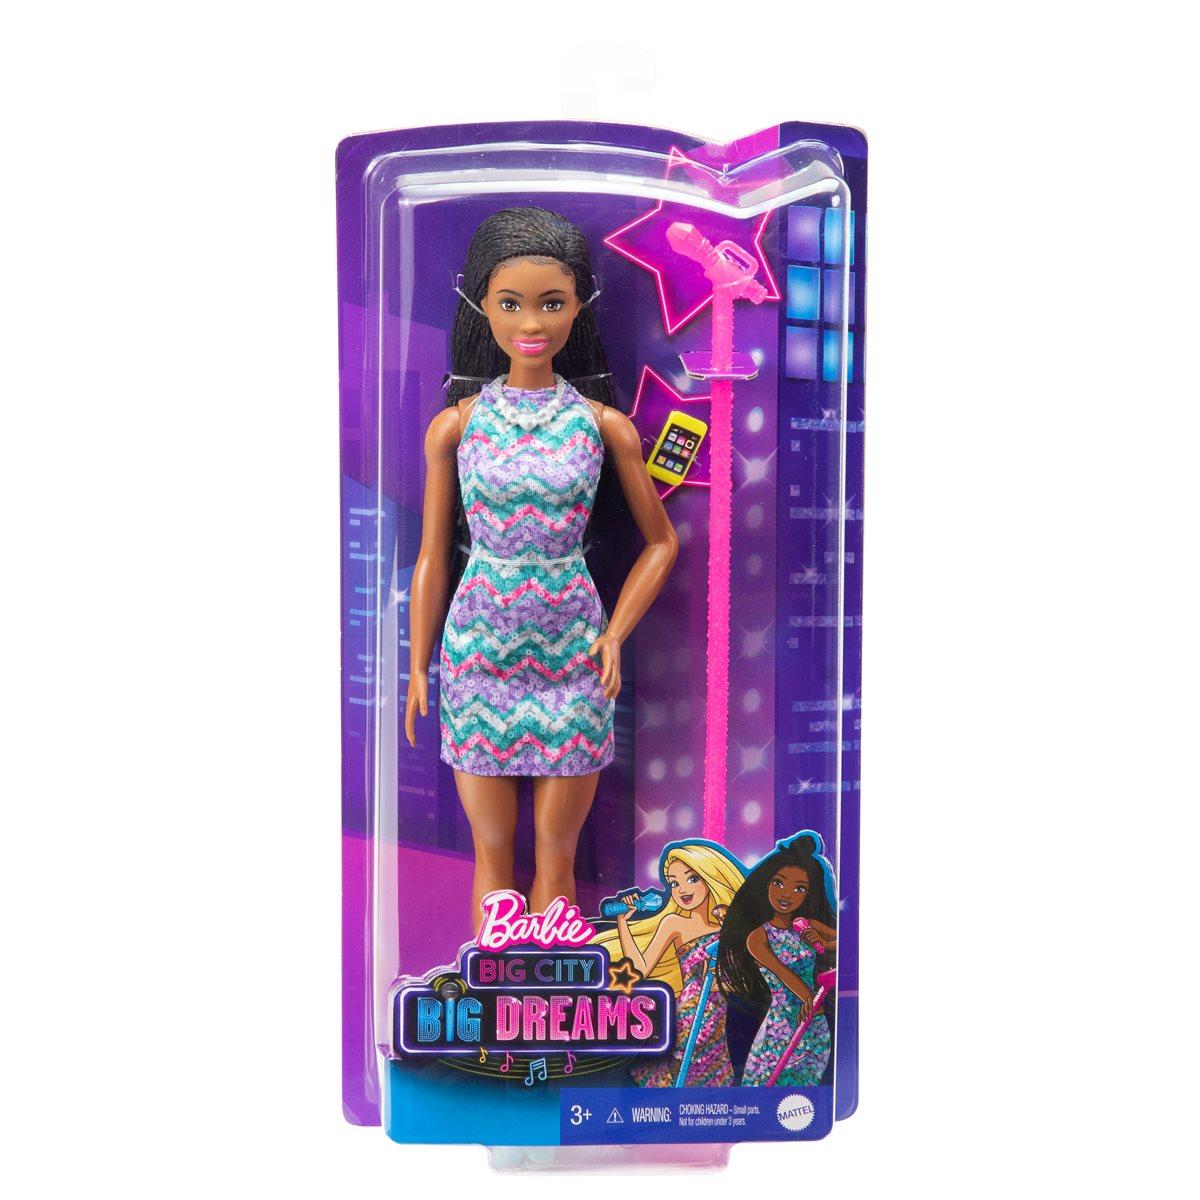 Barbie Big City Big Dreams Brooklyn Doll NRFB